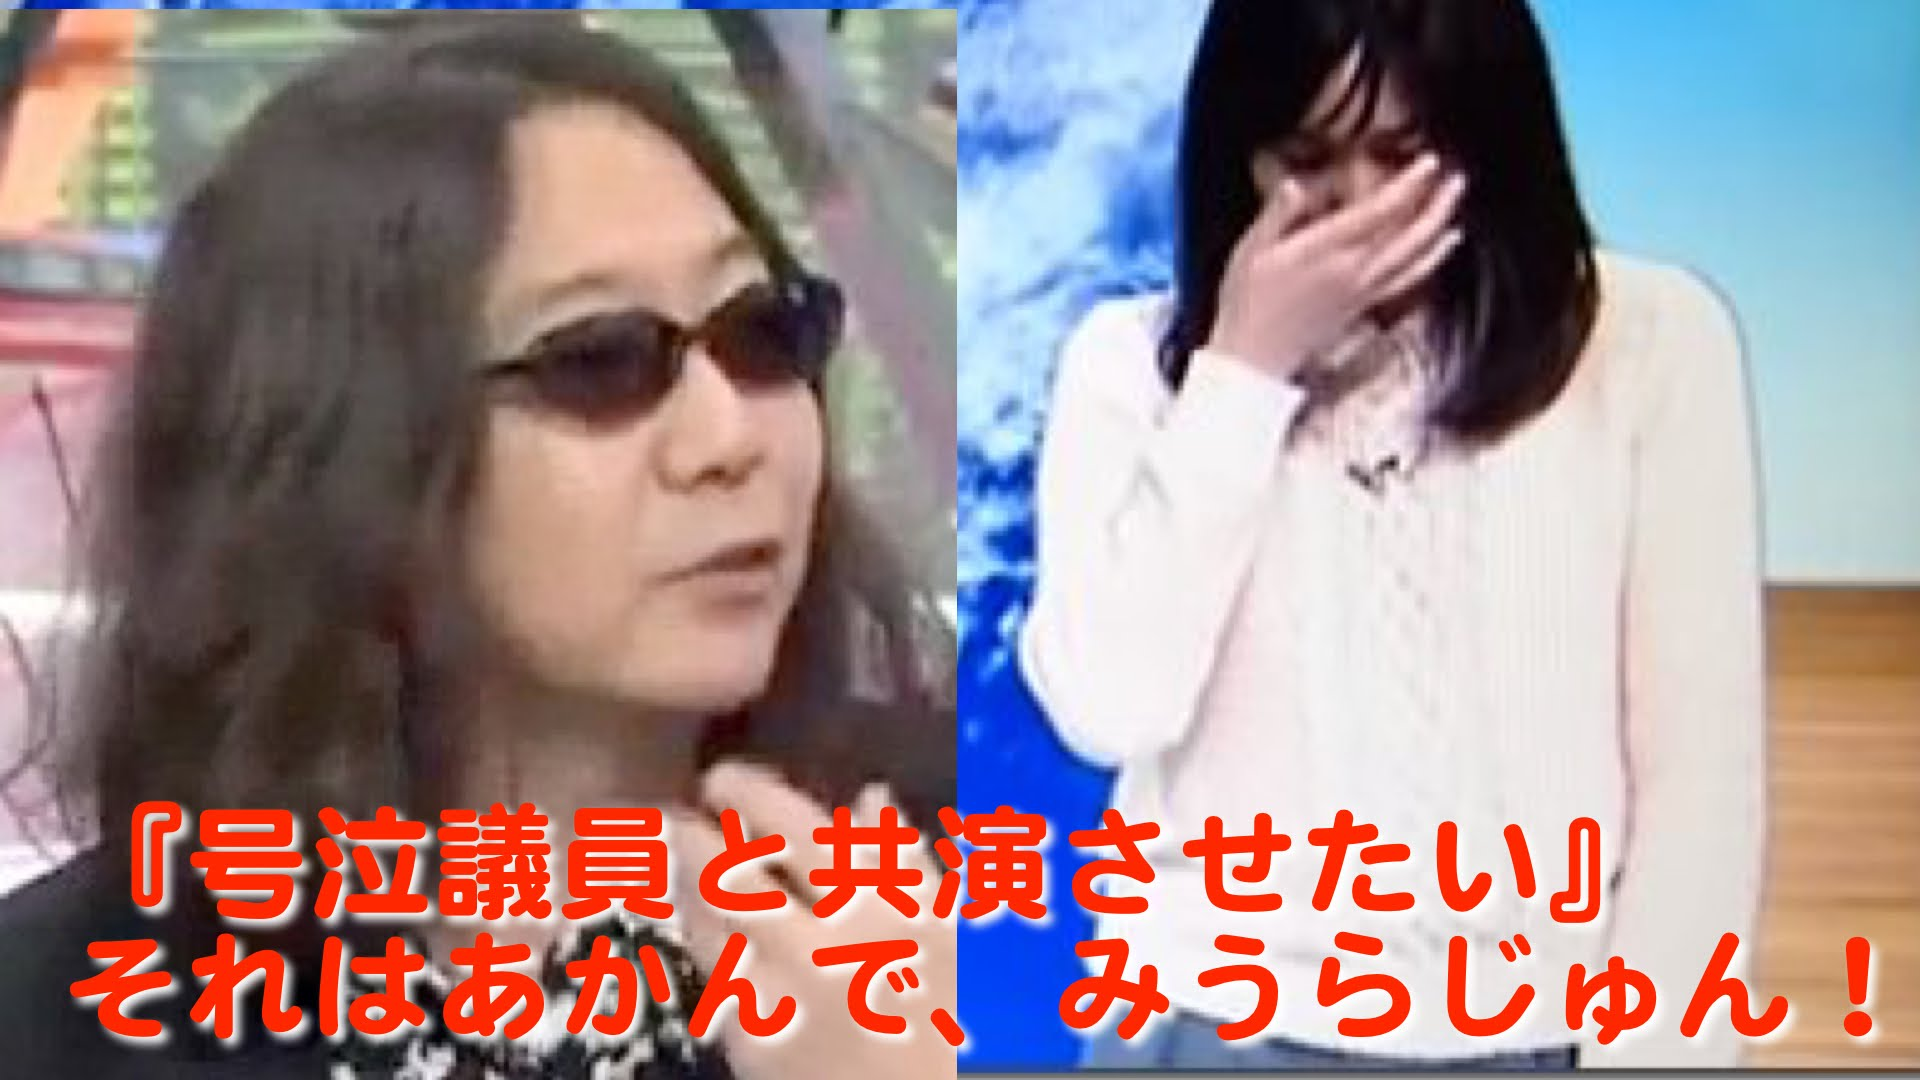 NHK山形・お天気おねえさん『号泣議員と共演させたい』みうらじゅん、それはあかんやろ!